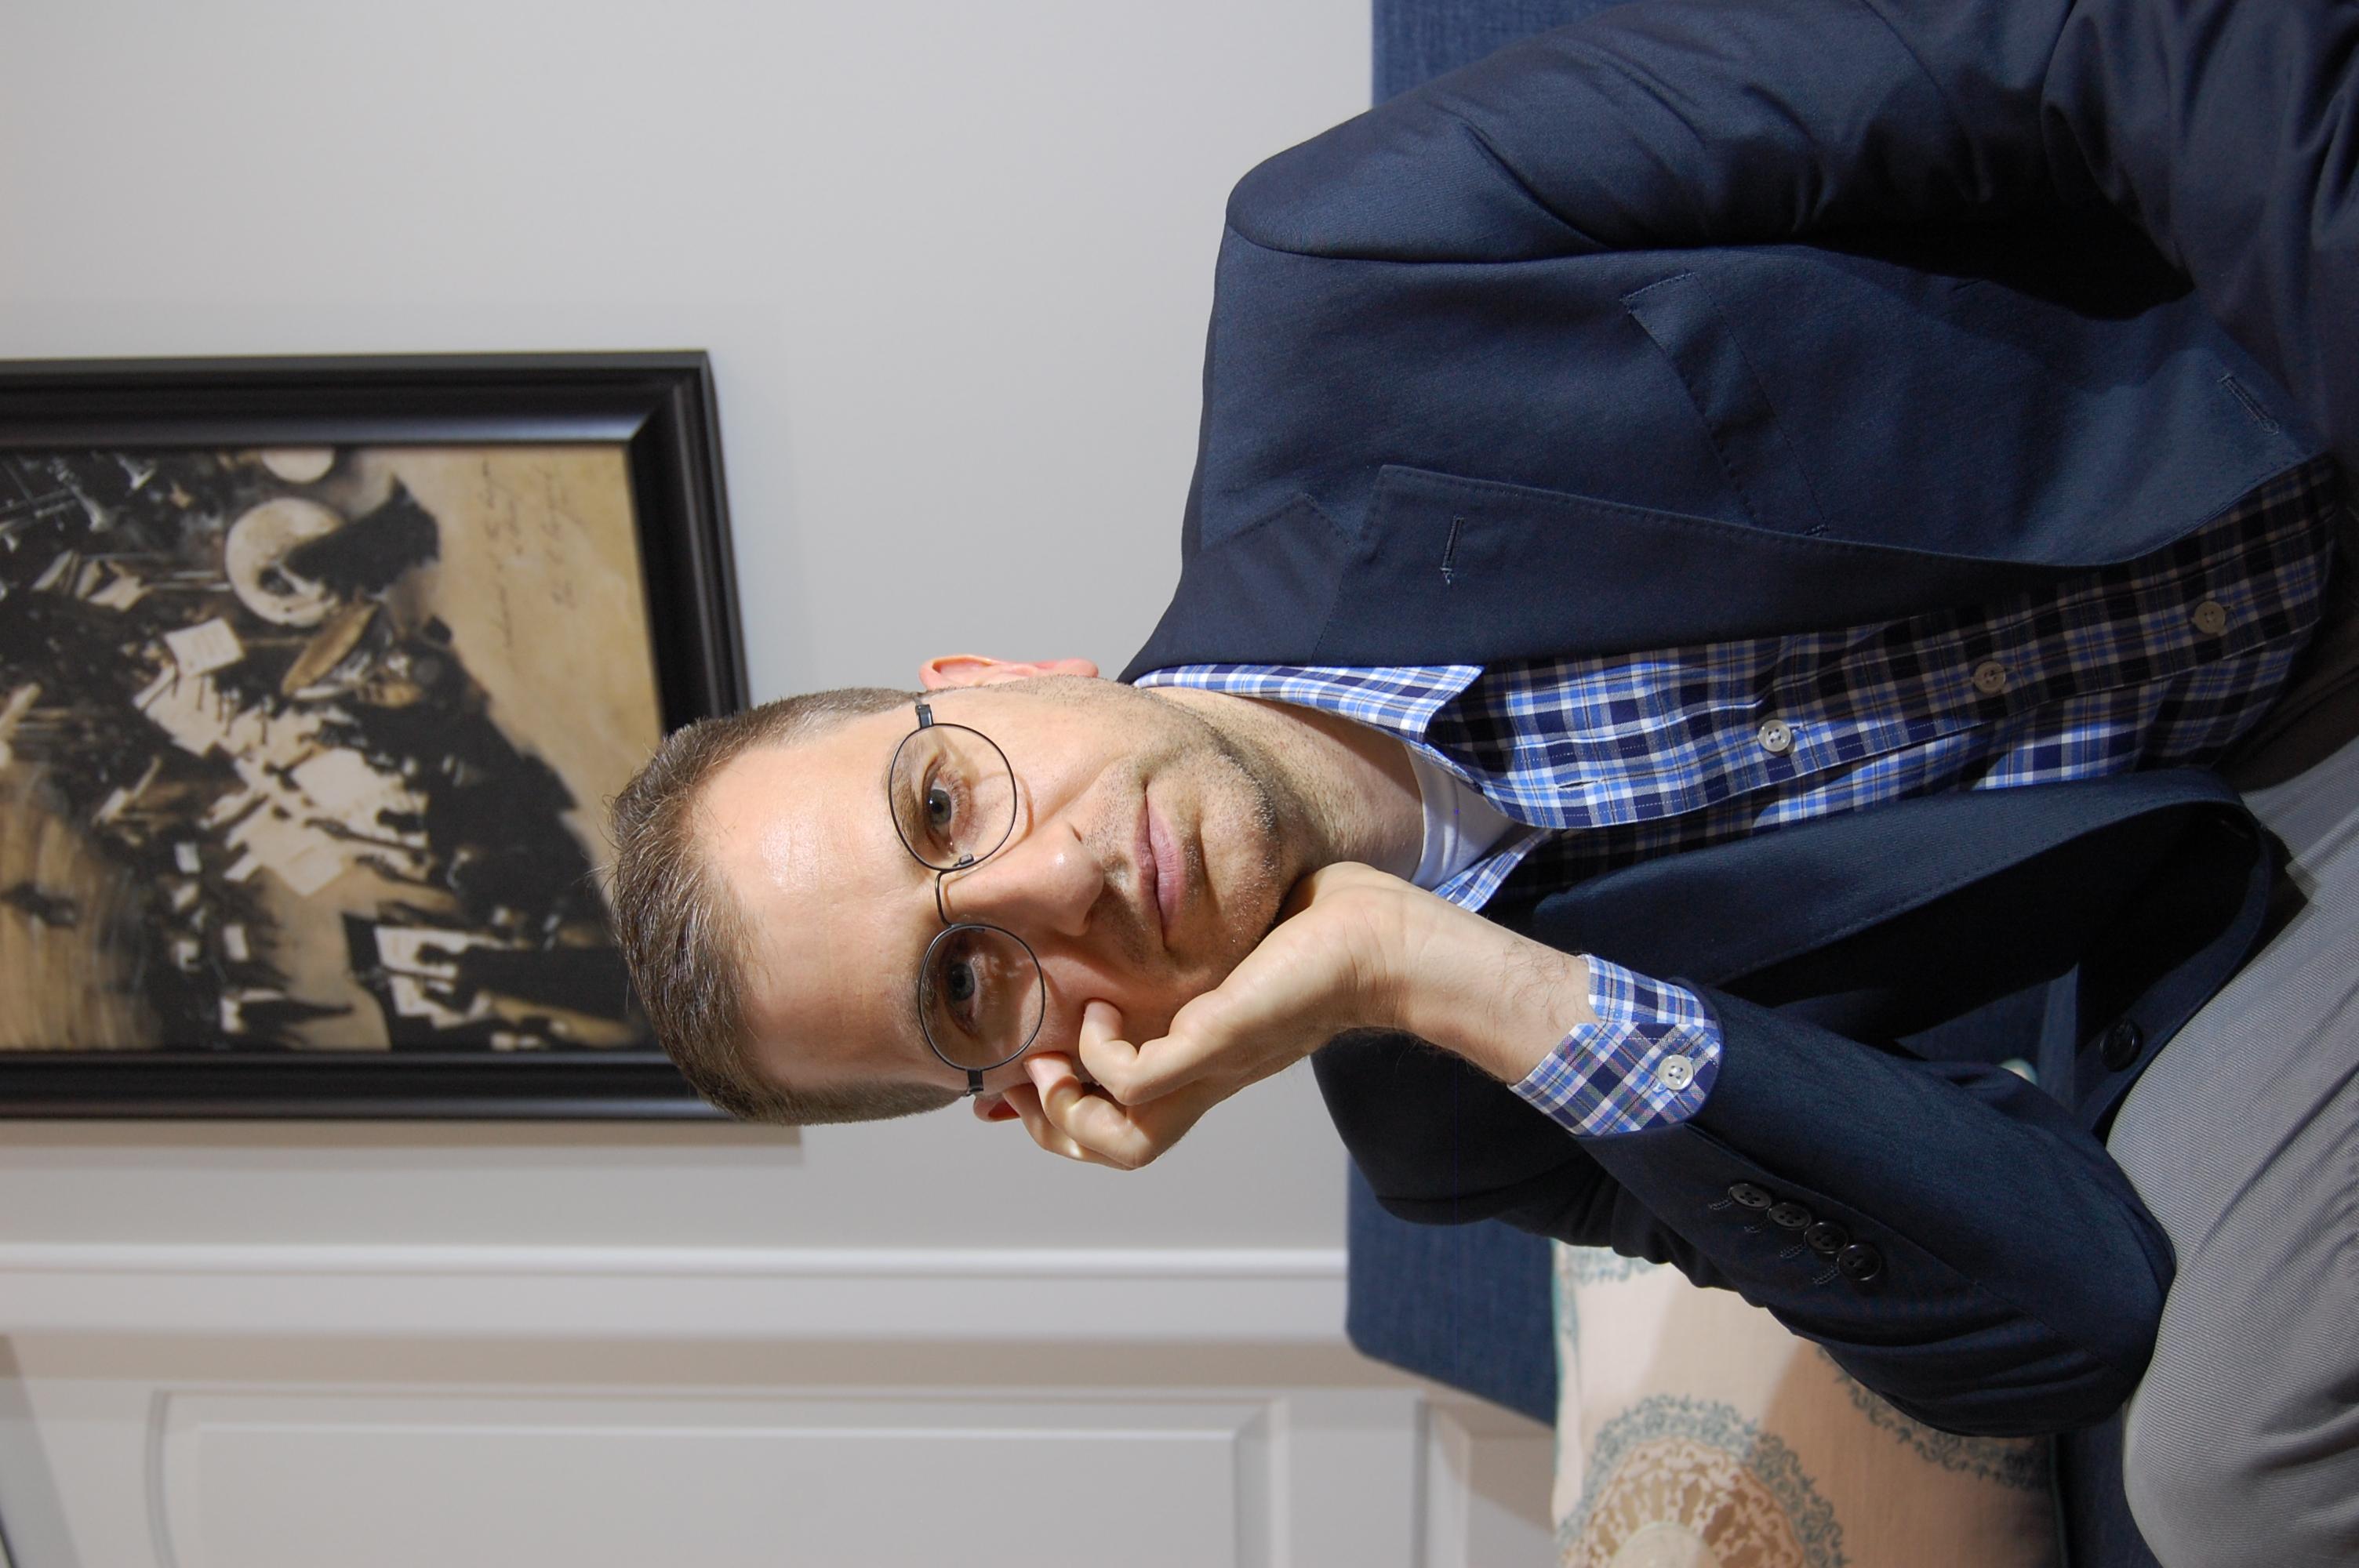 Karim Al-Zand: WATCH @ Karim Al-Zand: Composer